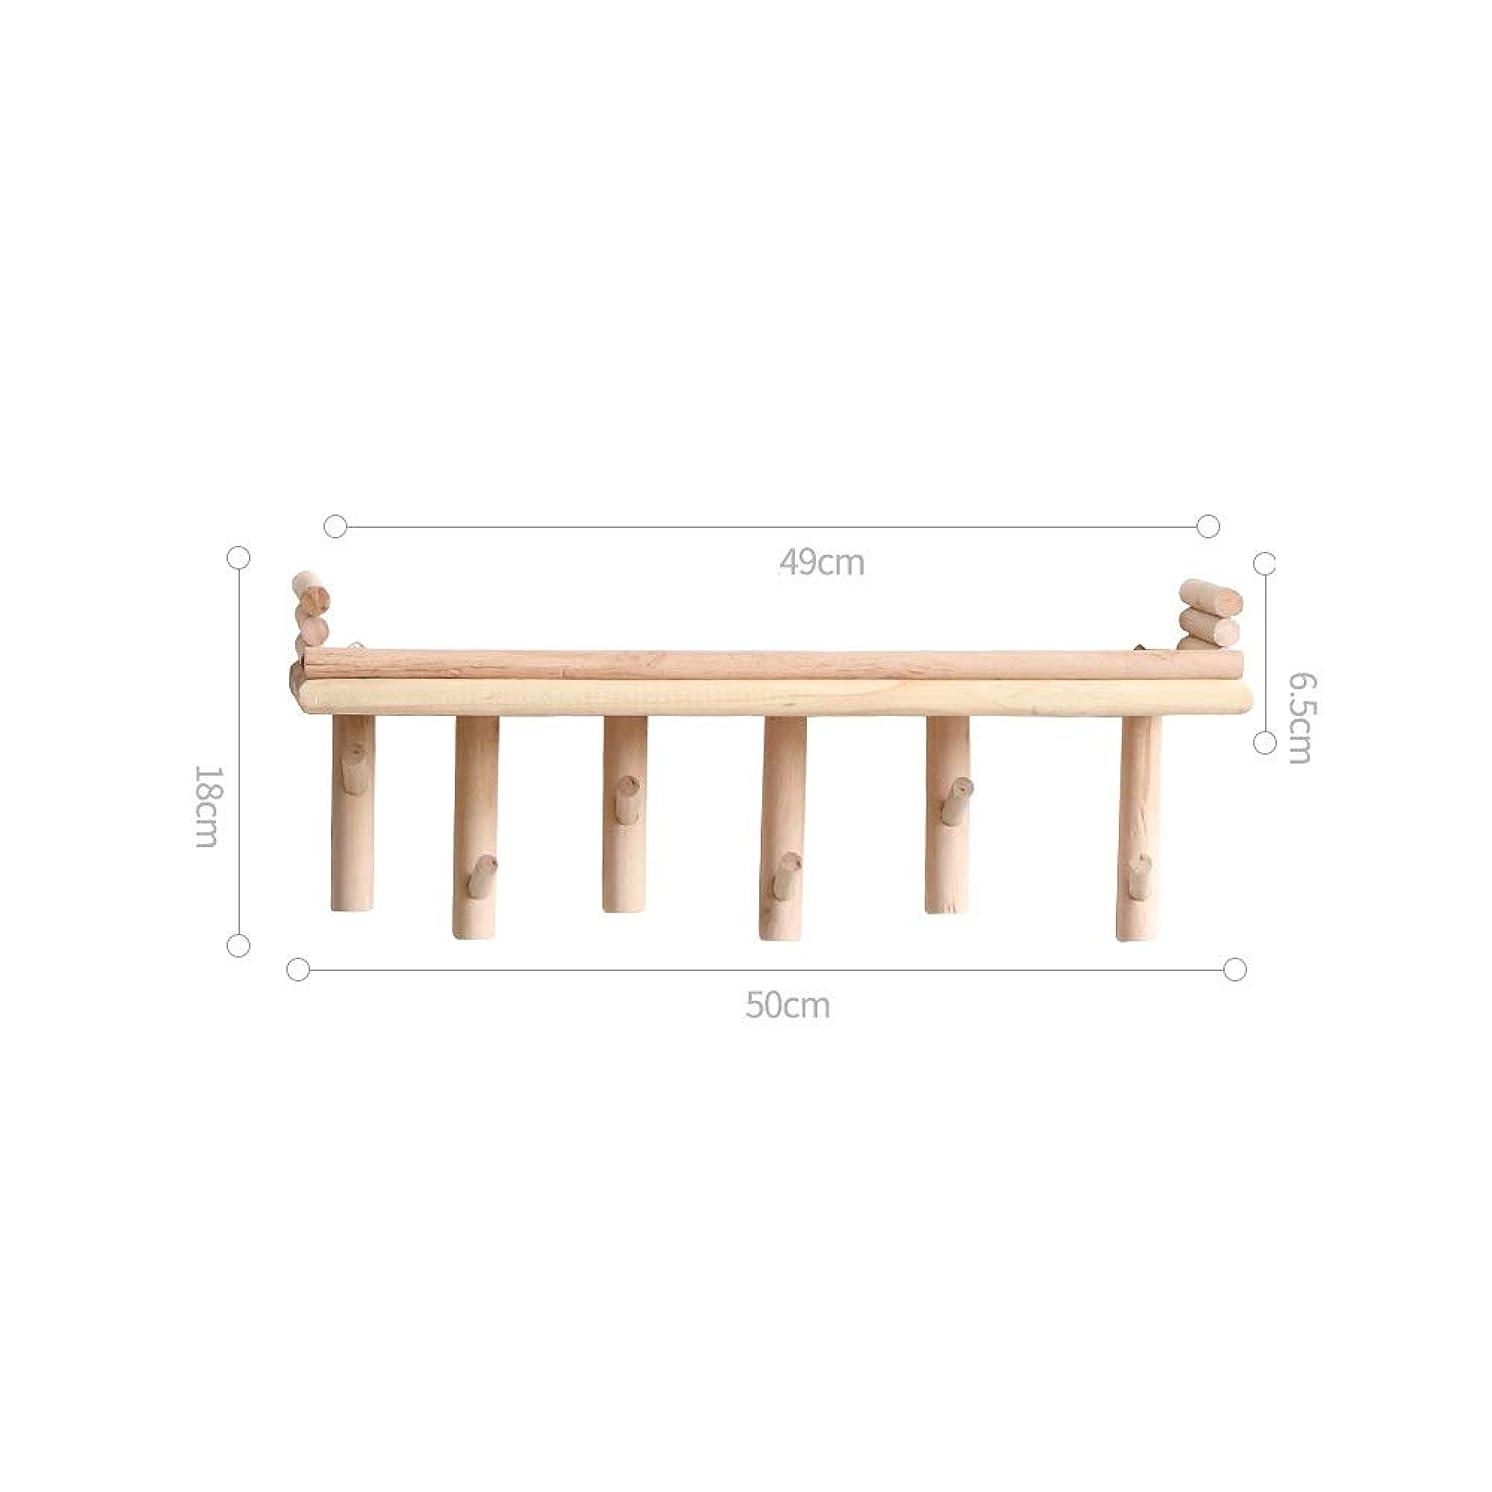 アイザック乗り出すタイムリーなNN シンプルなポーチキーフック壁掛け装飾収納コートラックドア壁ドレッシングルームクリエイティブラック、から選択するサイズのバラエティ 家具の装飾 (Size : A)